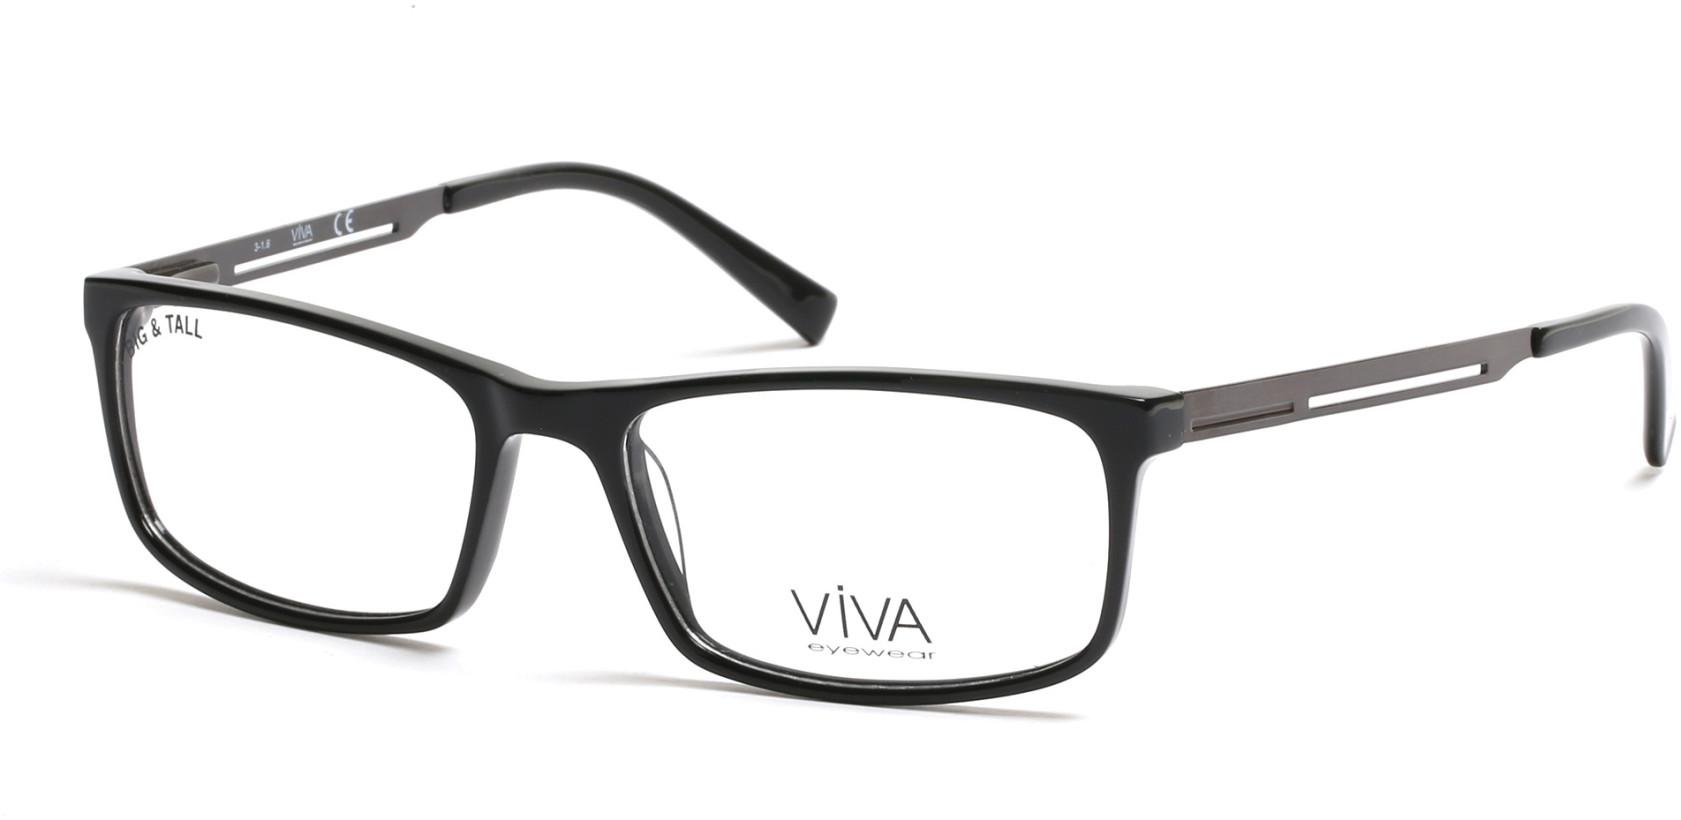 VIVA VV4026 style-color 001 - Shiny Black